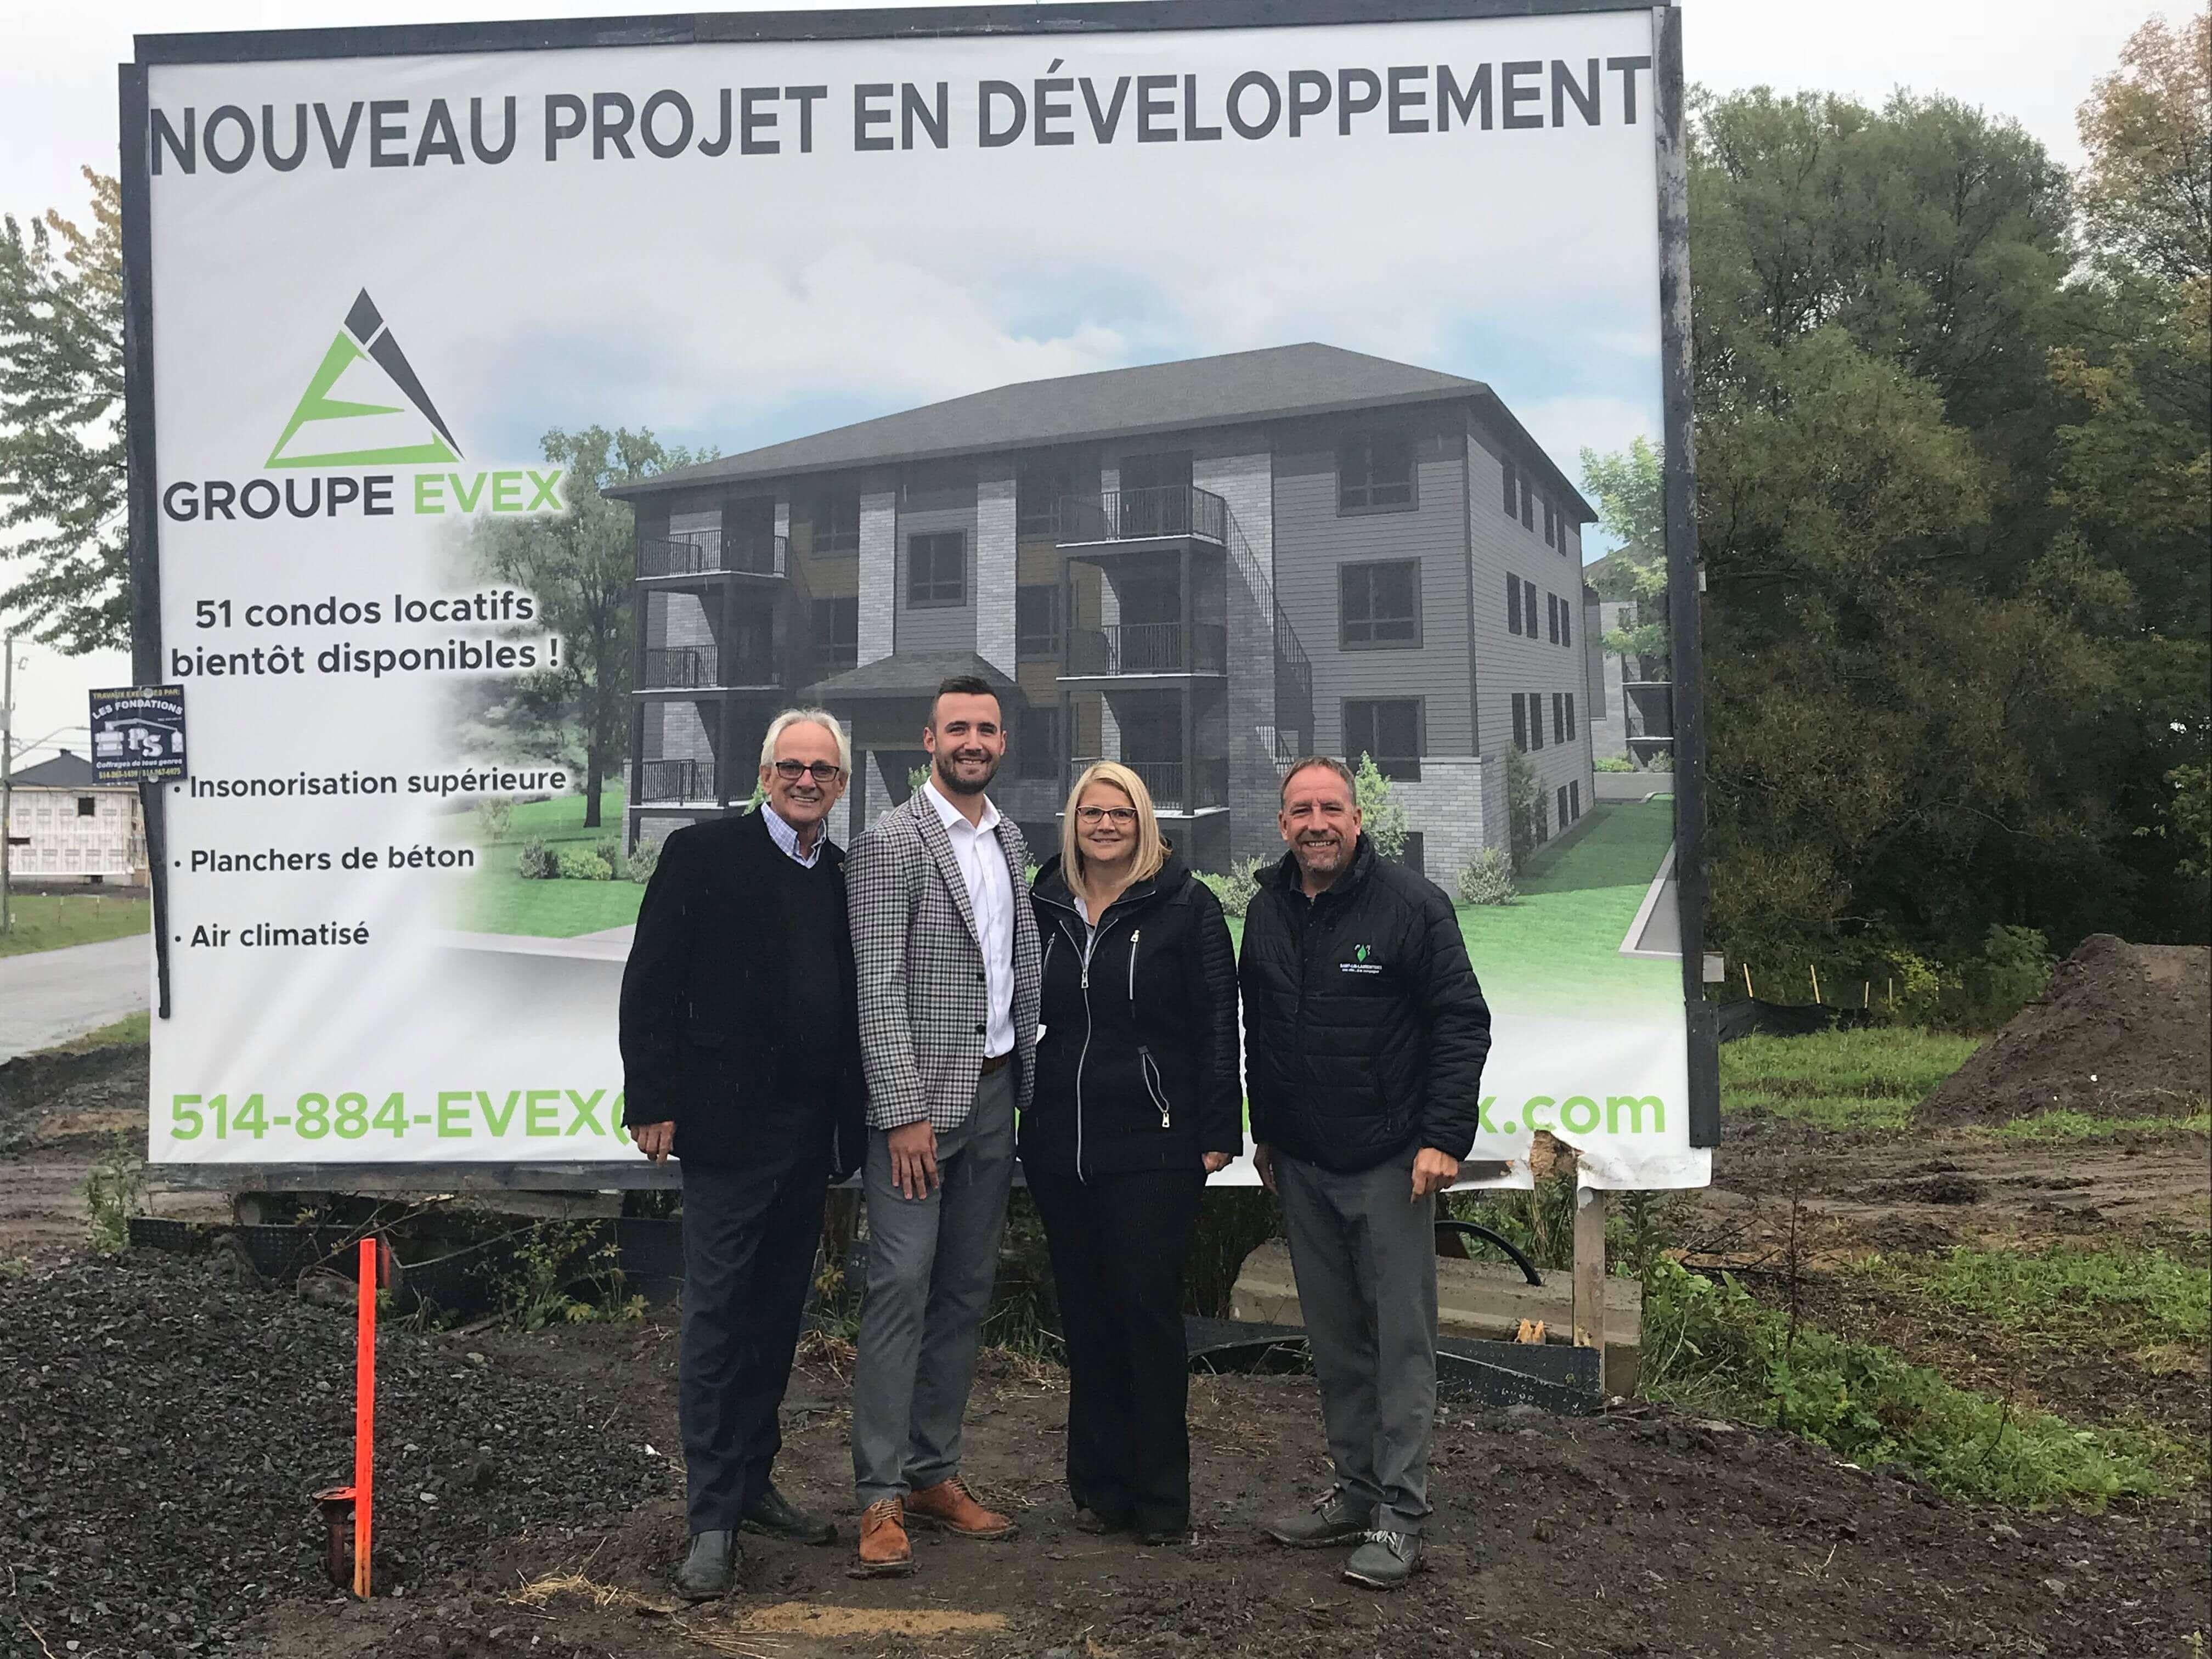 Annonce du projet immobilier